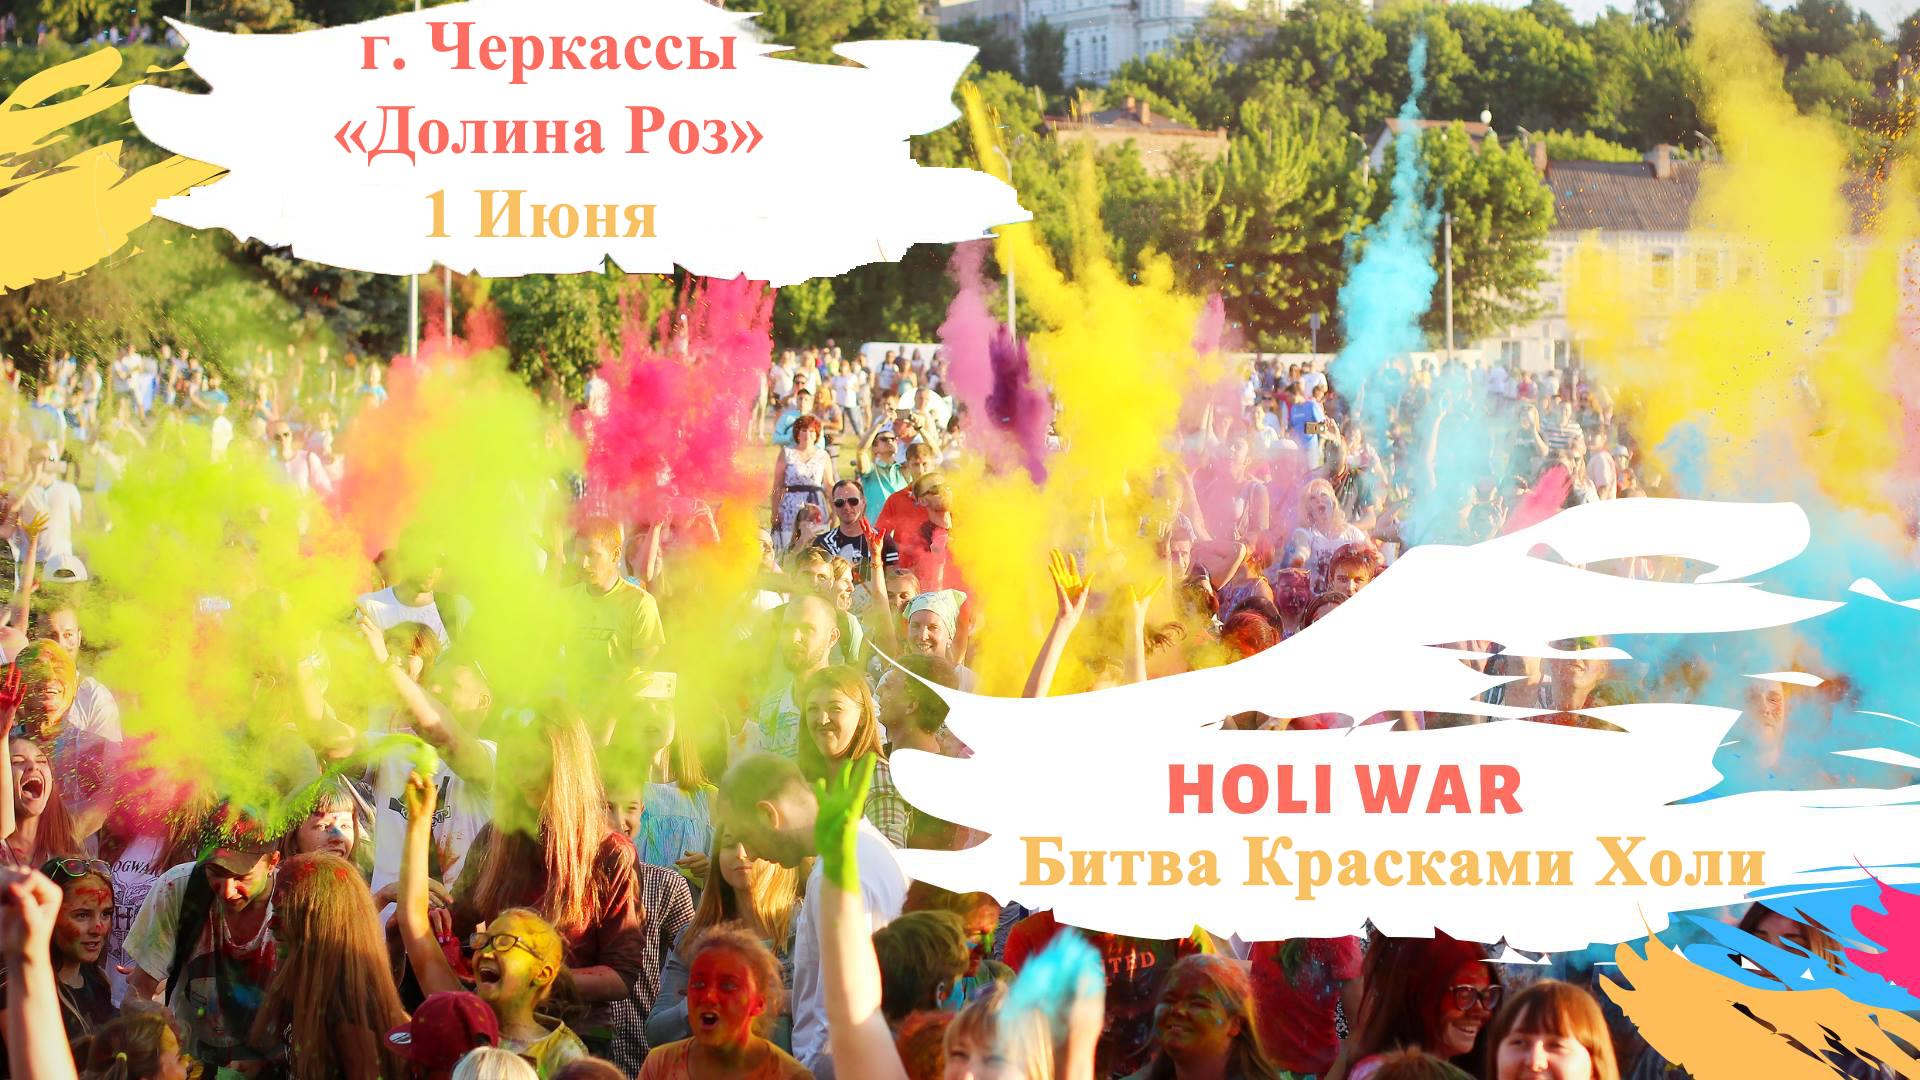 Битва Красками Холи HOLI WAR в Черкассах на фестивале SUMMER CHALLENGE!